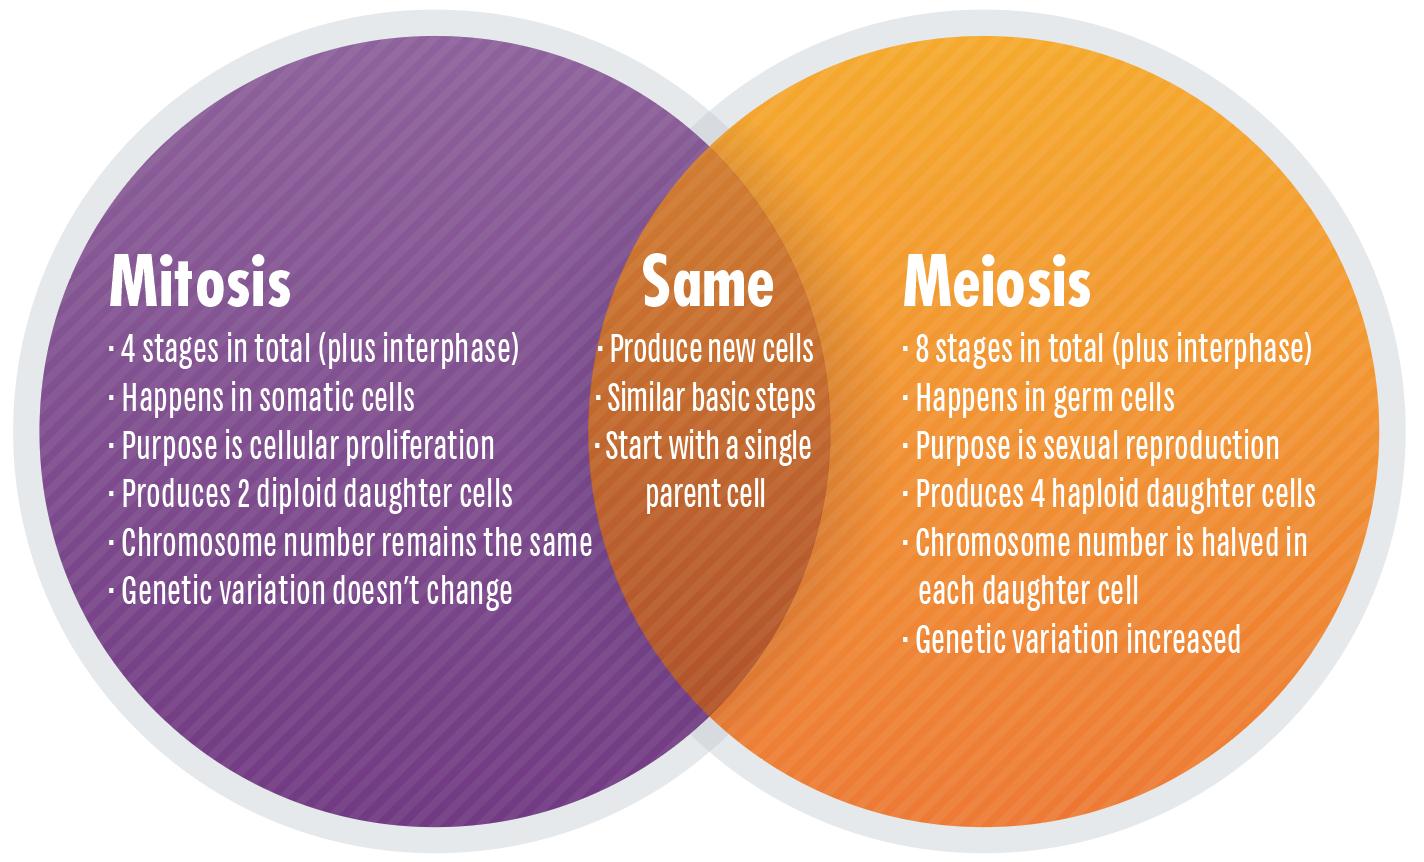 Mitosis Meiosis Venn Diagram Mitosis Vs Meiosis Key Differences Chart And Venn Diagram